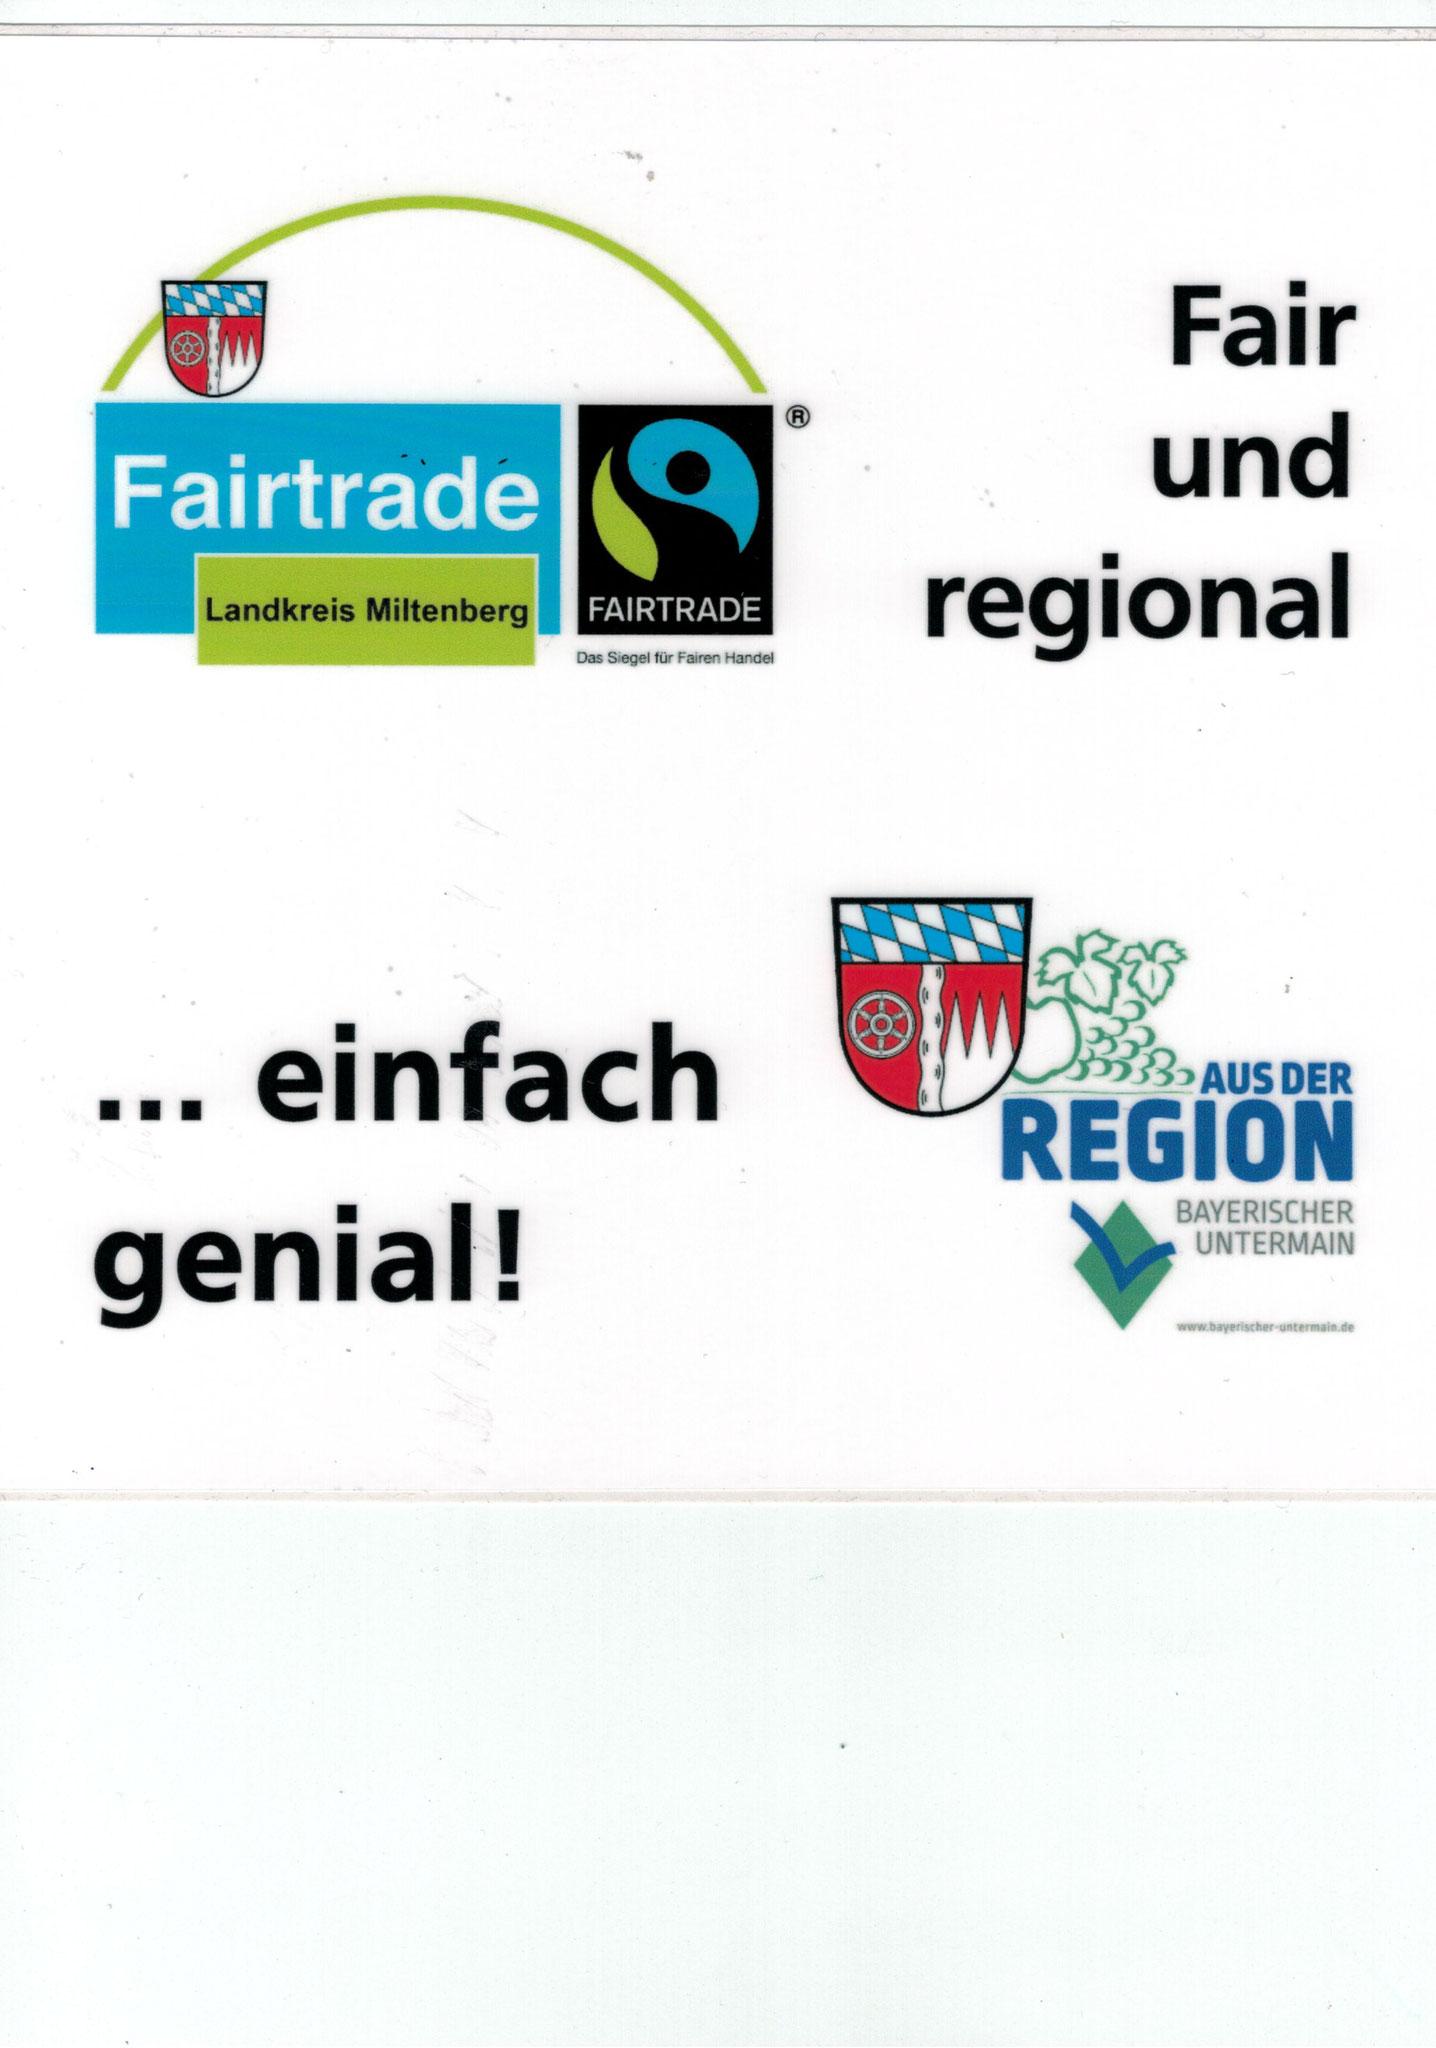 Fair und regional ... einfach genial!